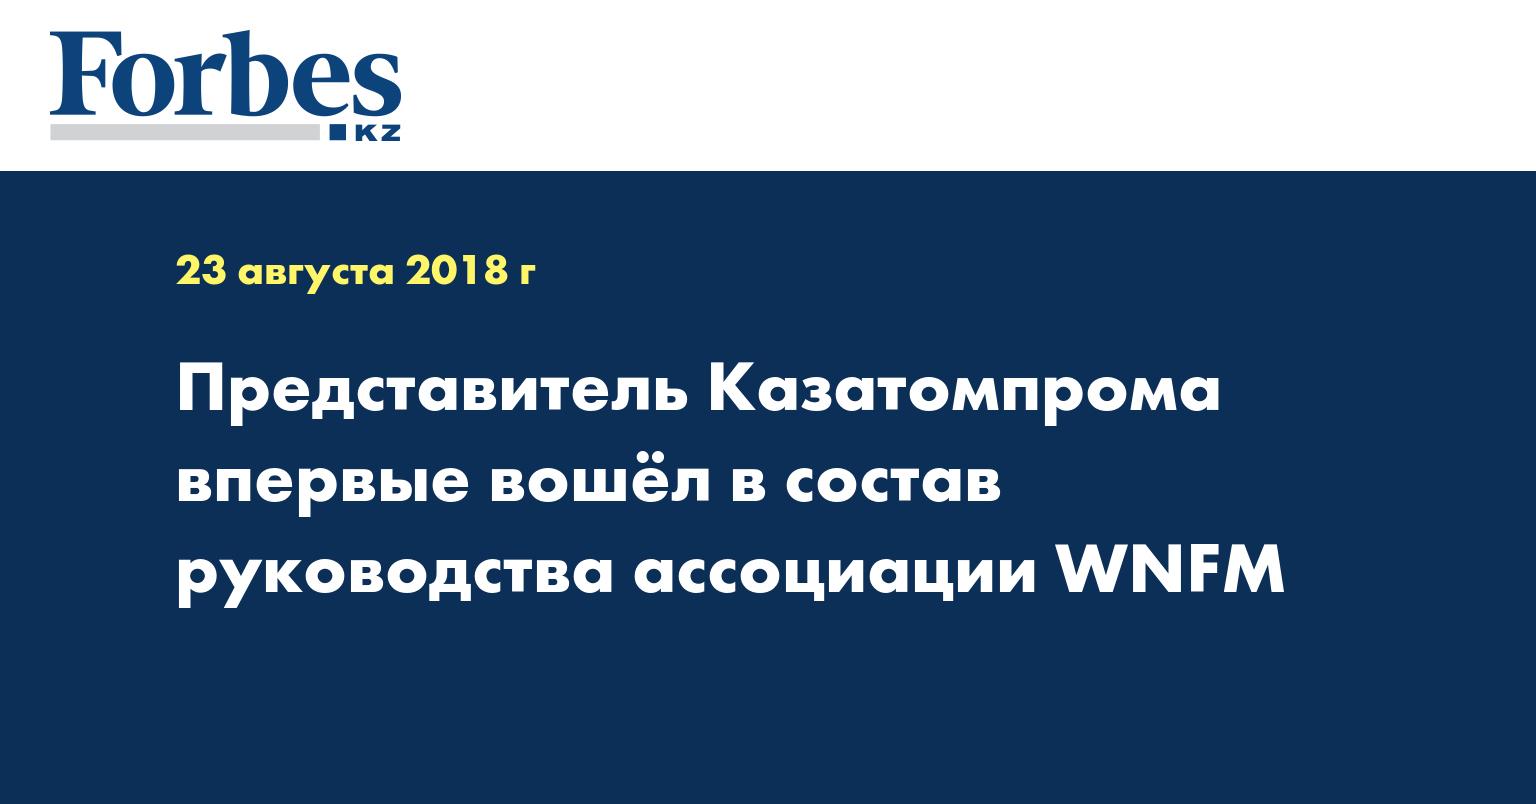 Представитель Казатомпрома впервые вошёл в состав руководства ассоциации WNFM